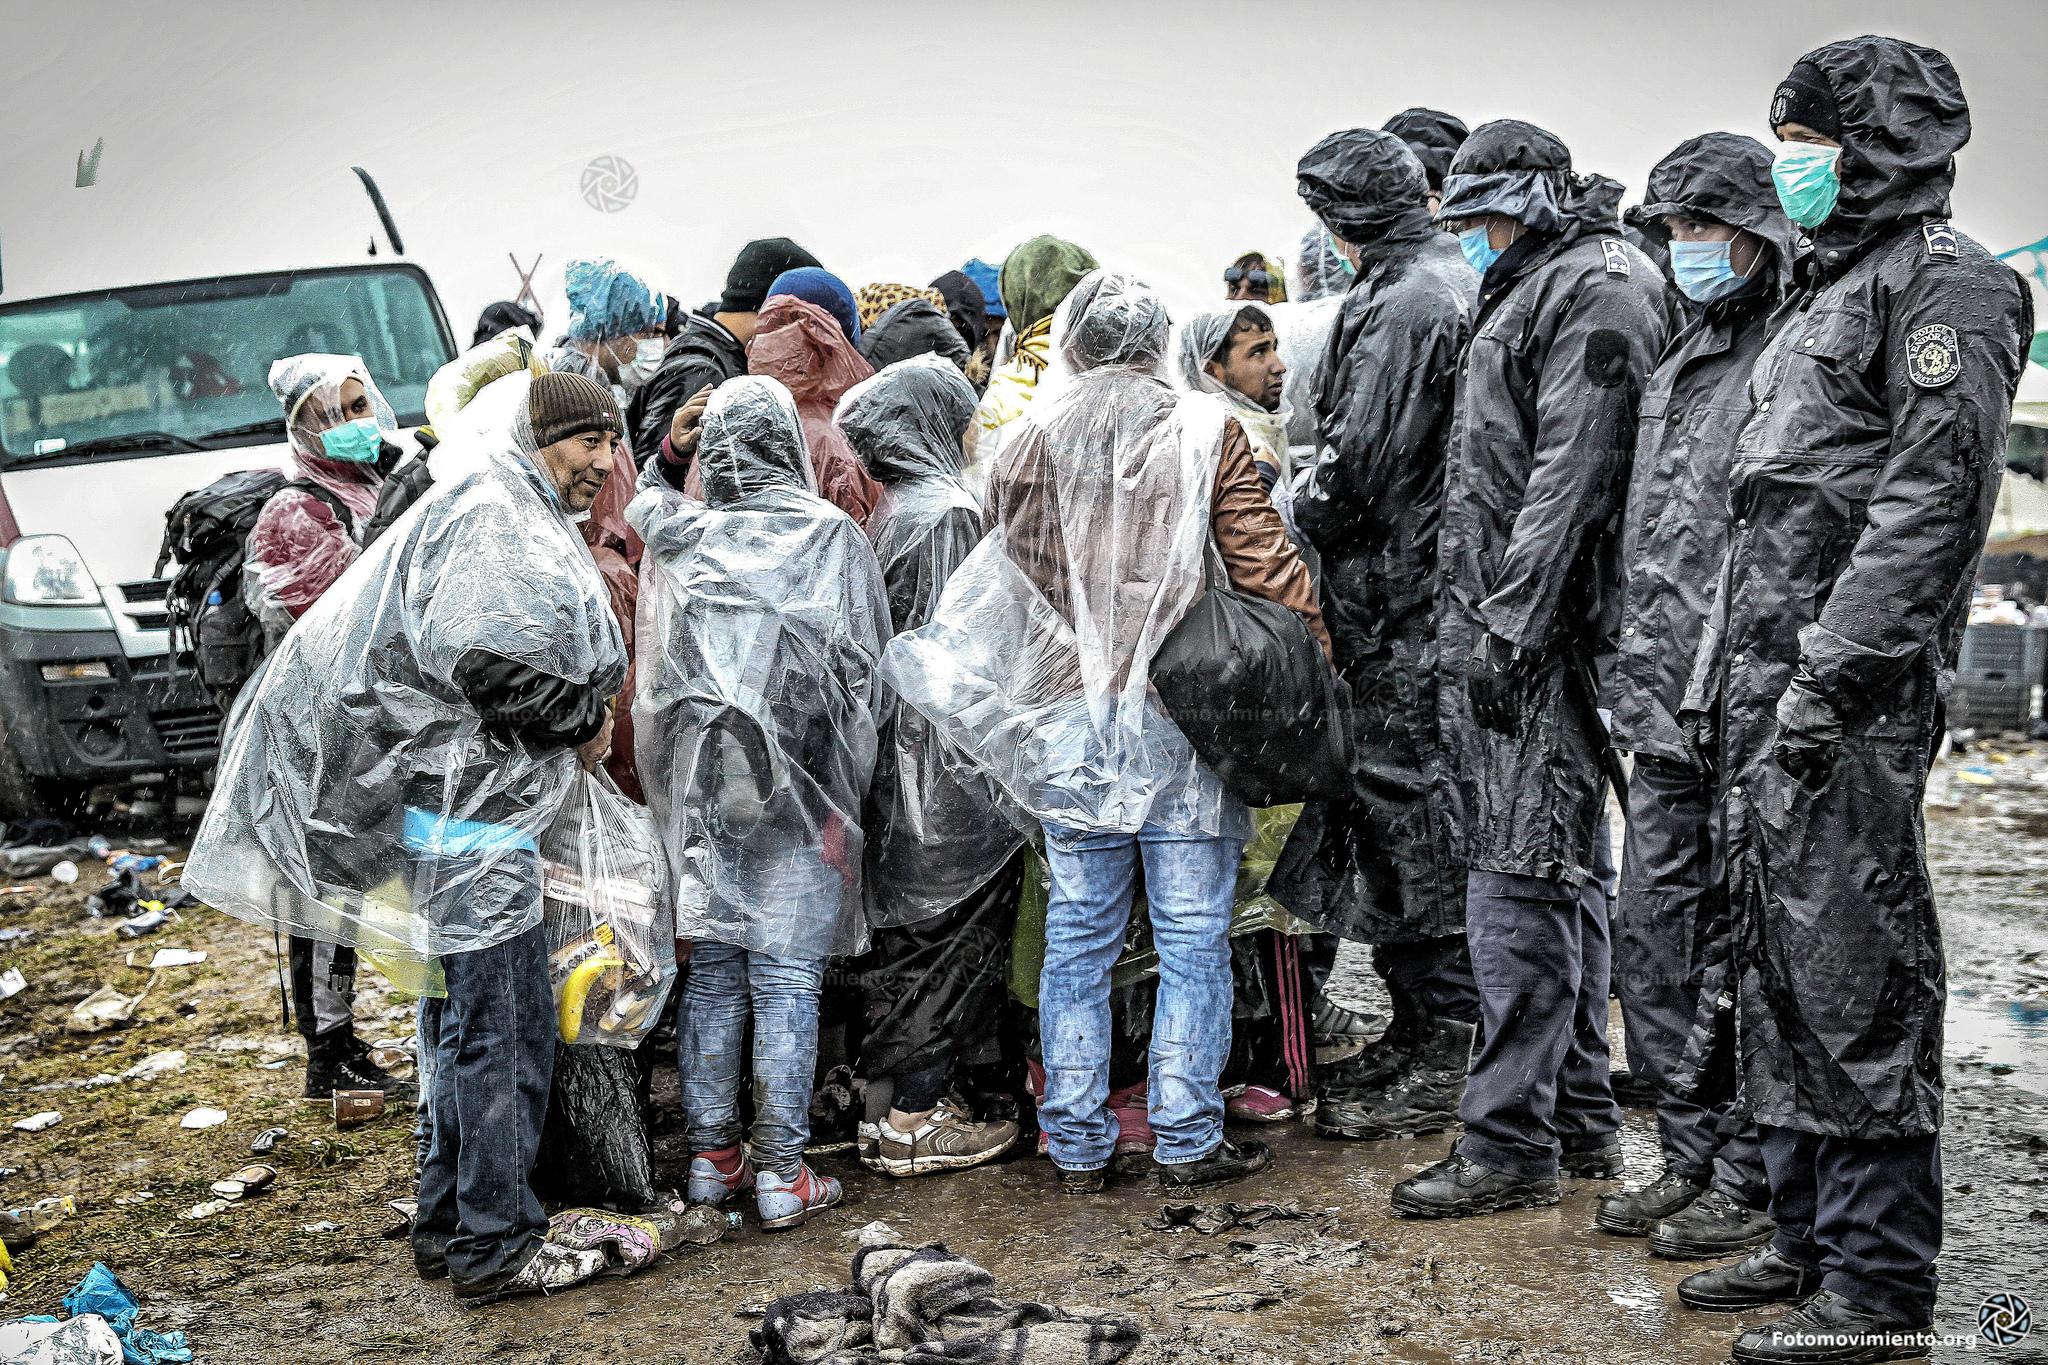 Asielzoekers rond de grens Servië en Hongarije. Beeld: Flickr/Fotomovimiento (cc)